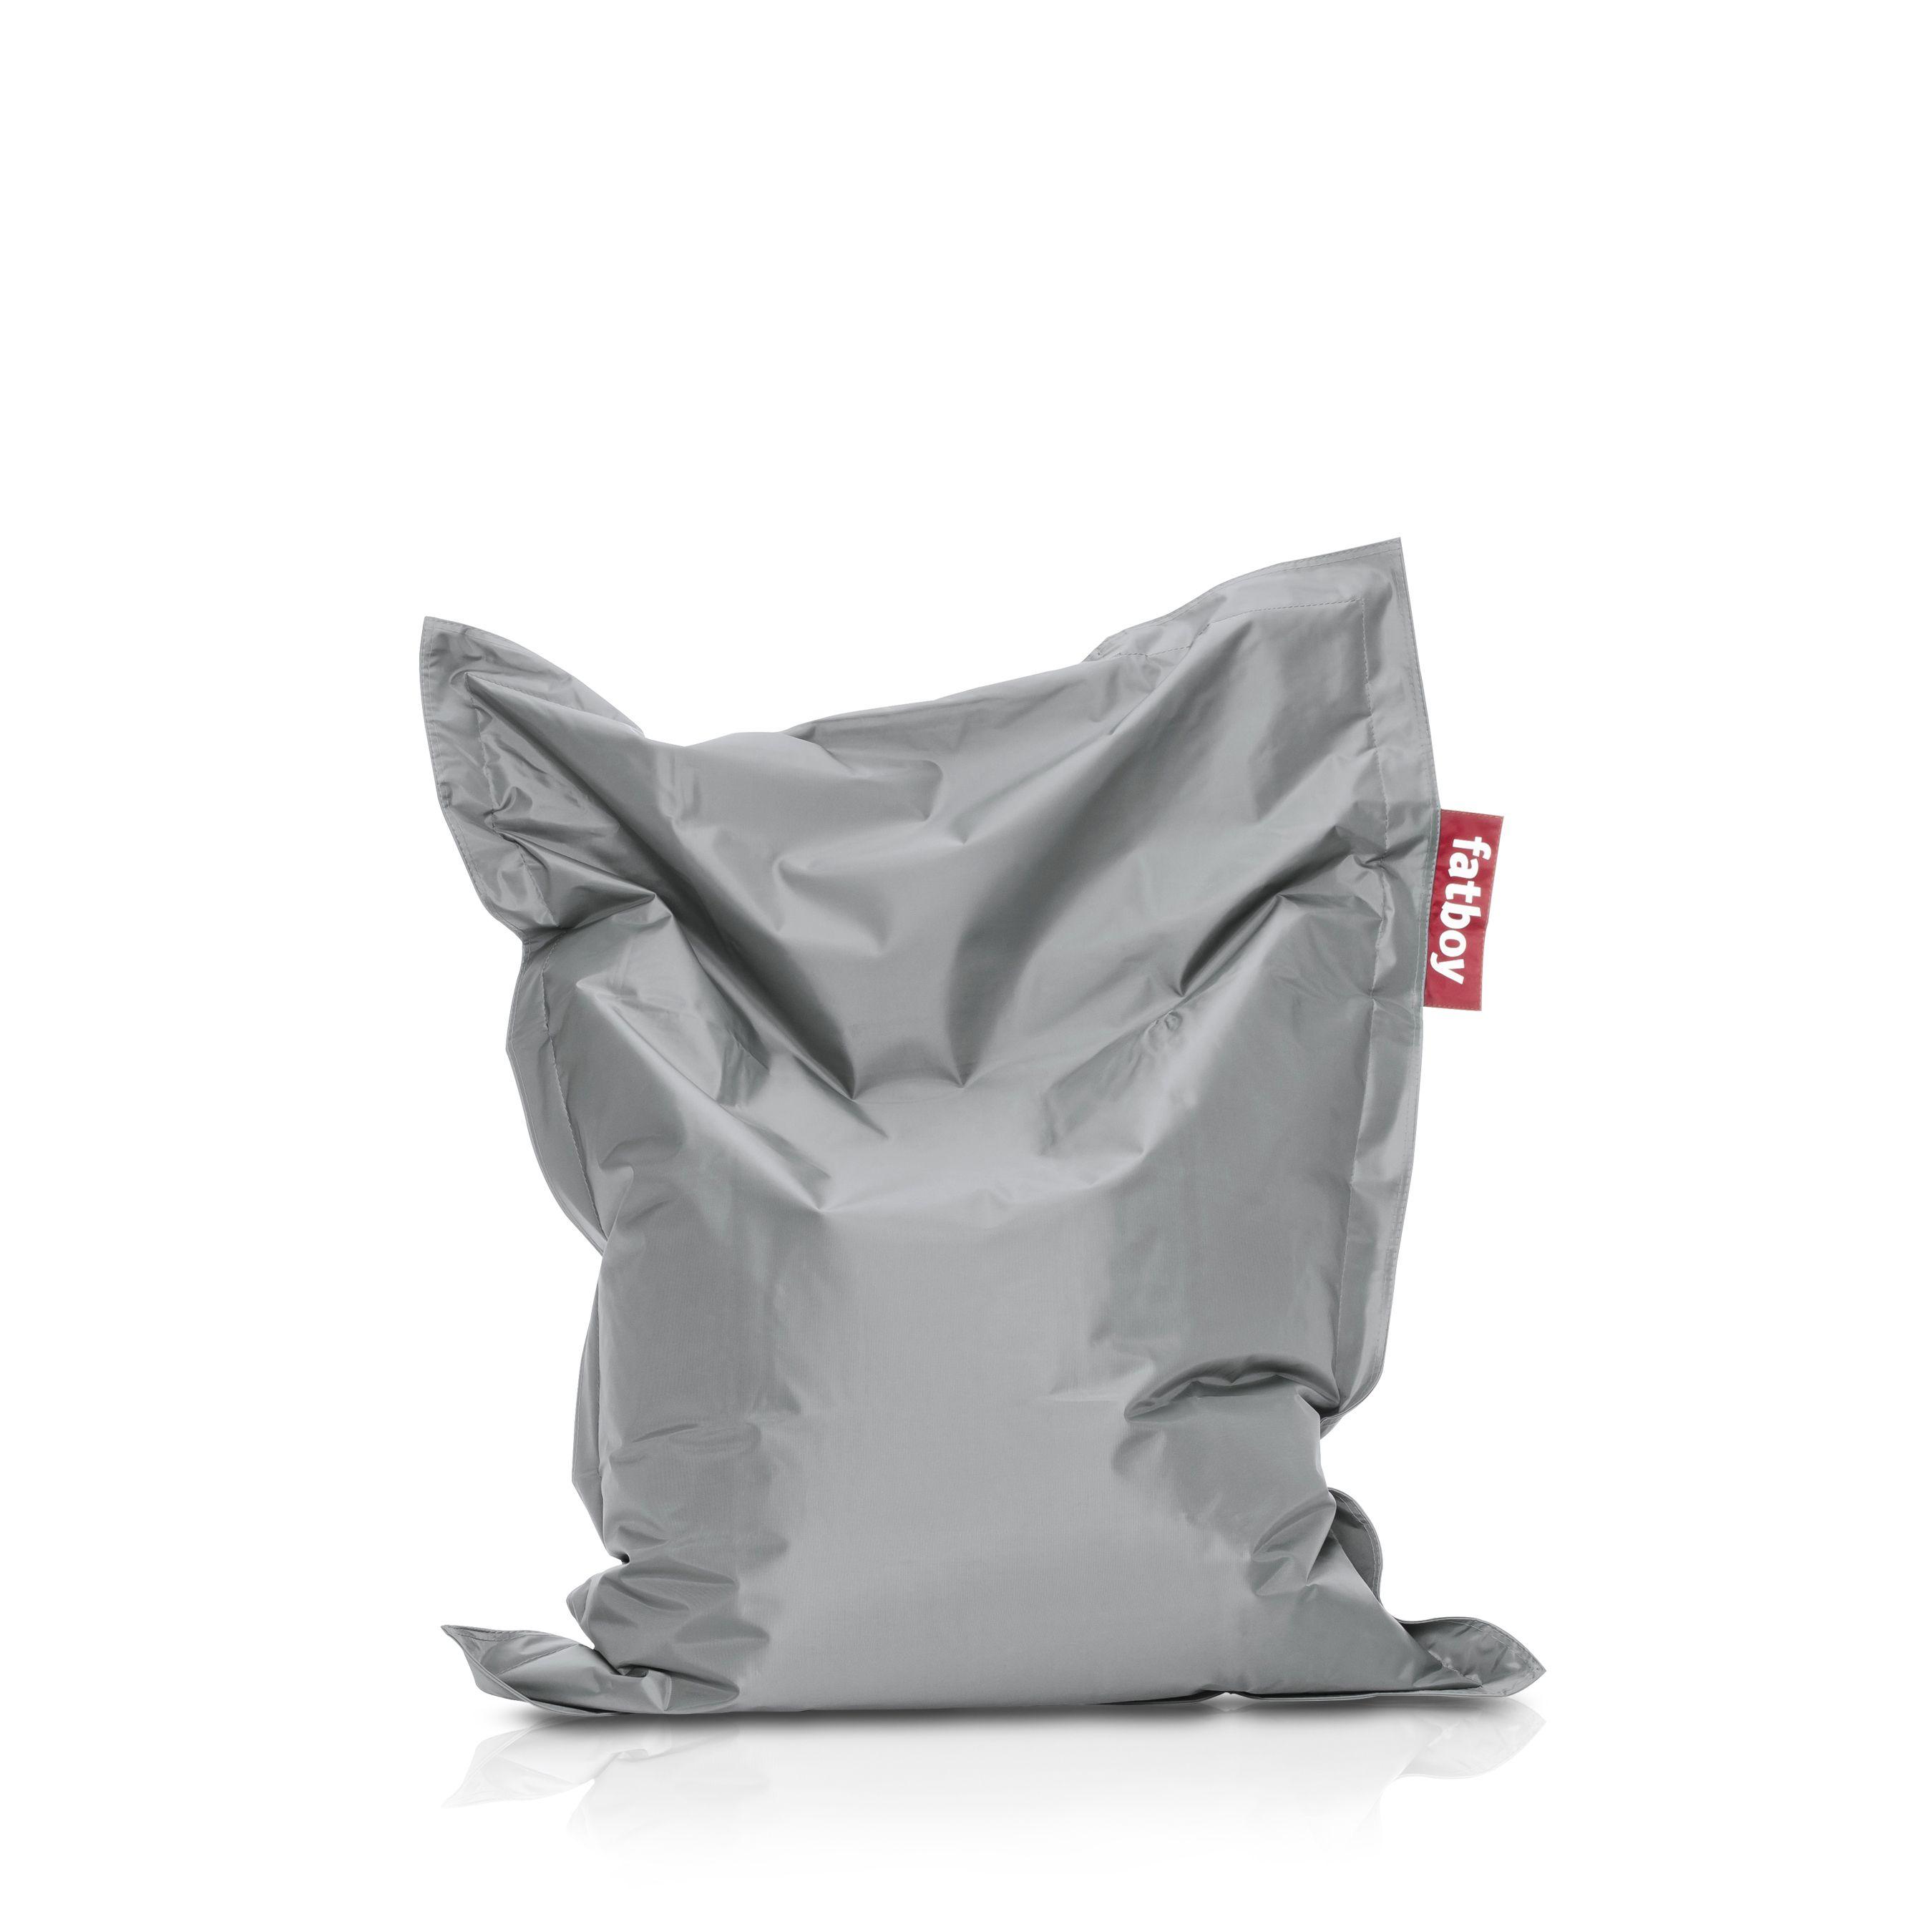 Fatboy Junior, Silver Large bean bag chairs, Bean bag